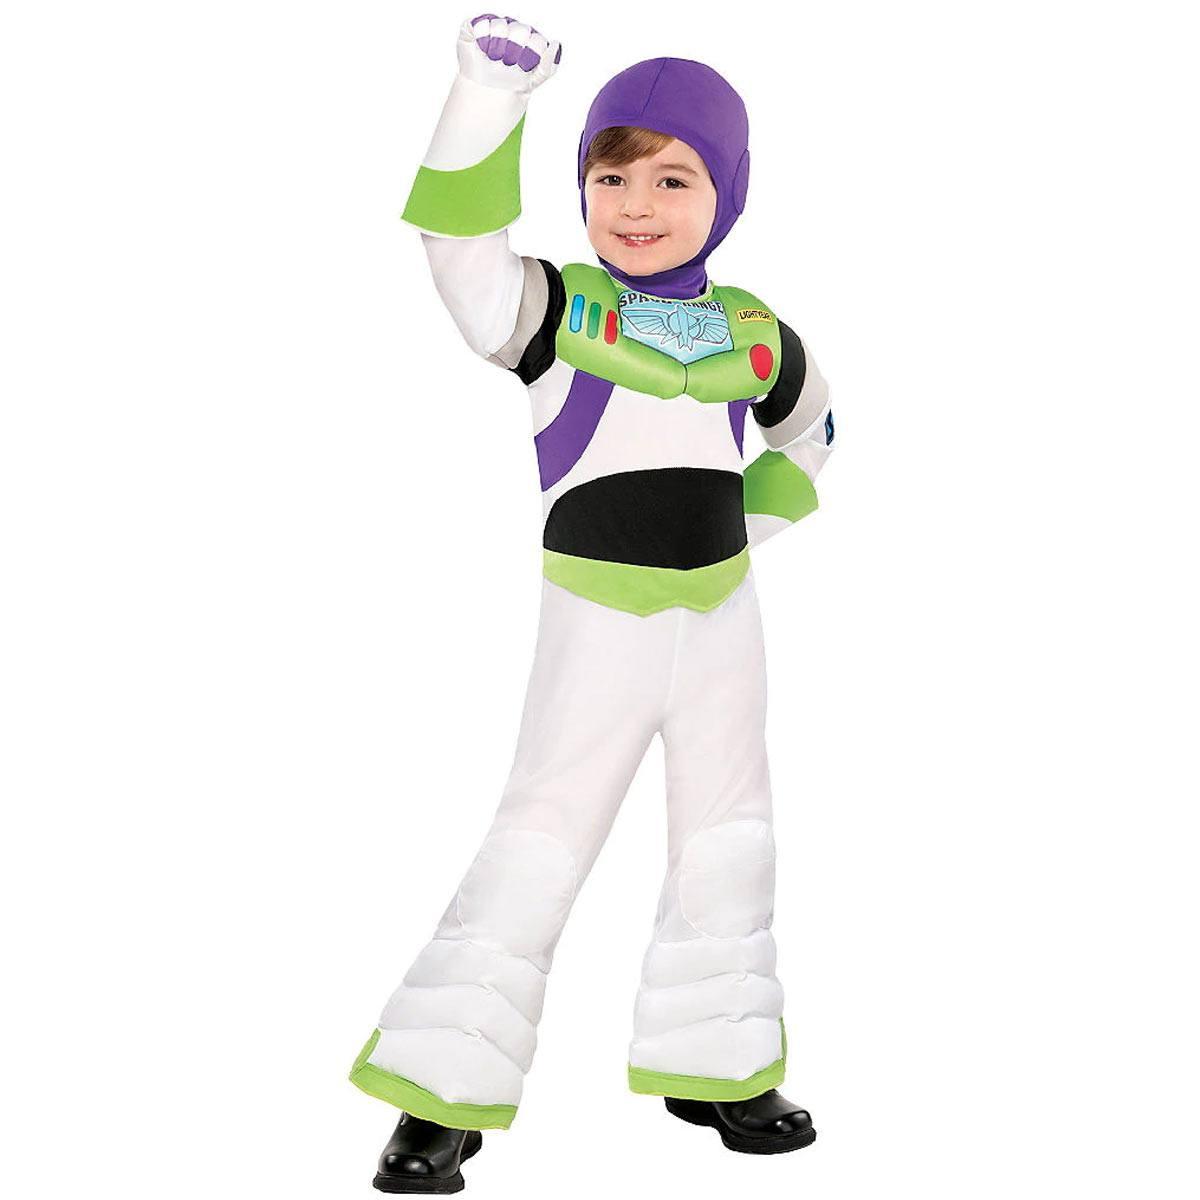 ディズニー トイストーリー バズライトイヤー コスプレ コスチューム 子供服 なりきり ハロウィン ディズニー公式 Disny Toy Story